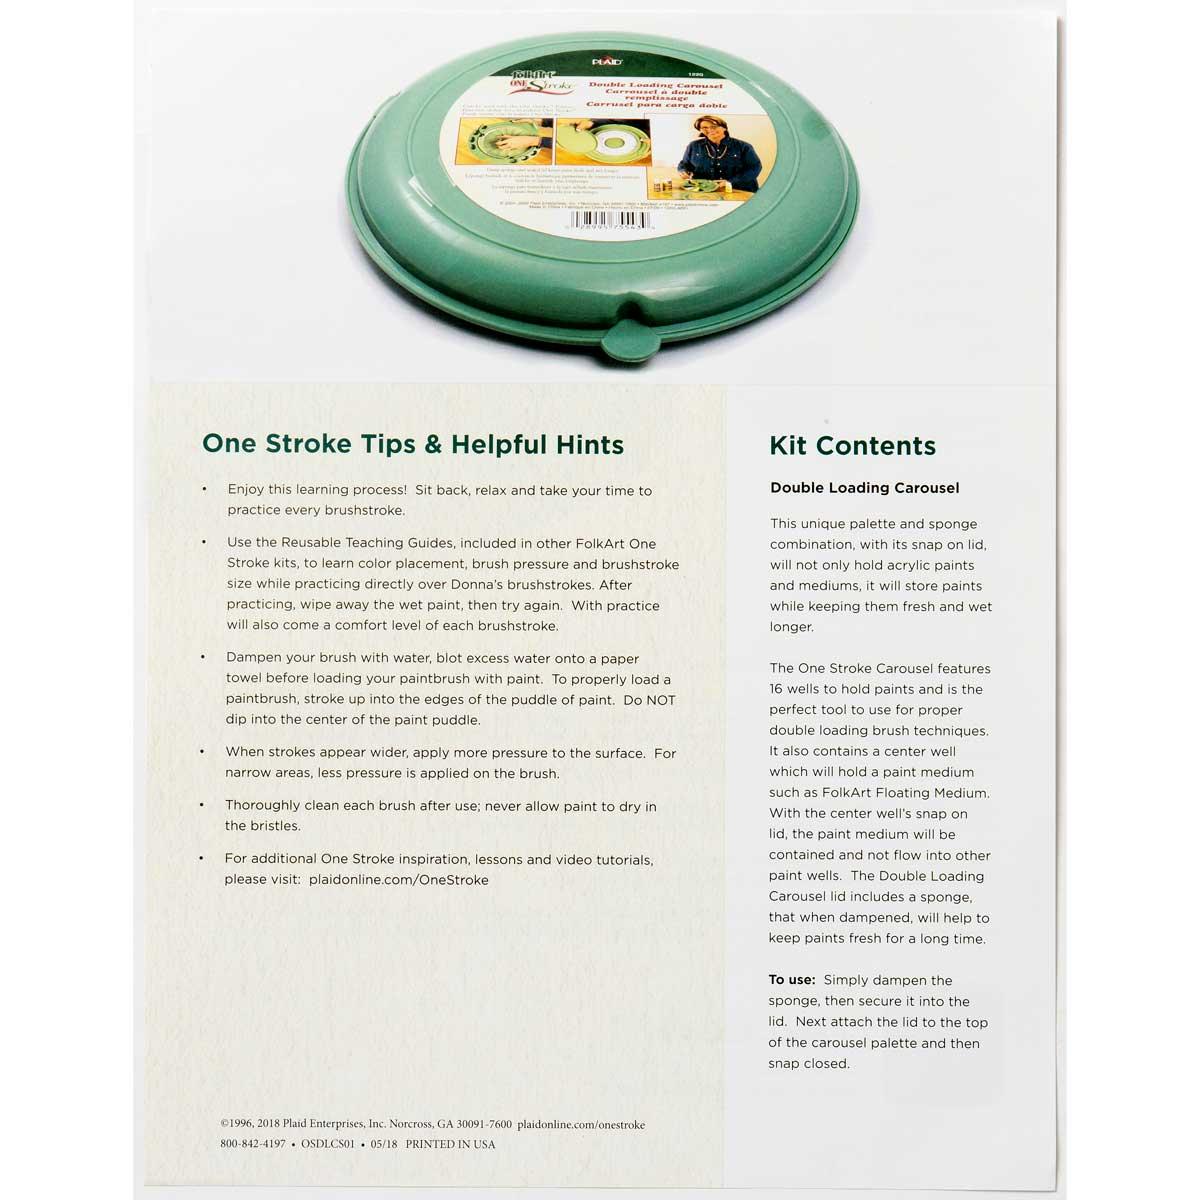 FolkArt ® One Stroke™ Accessories - Double Loading Carousel